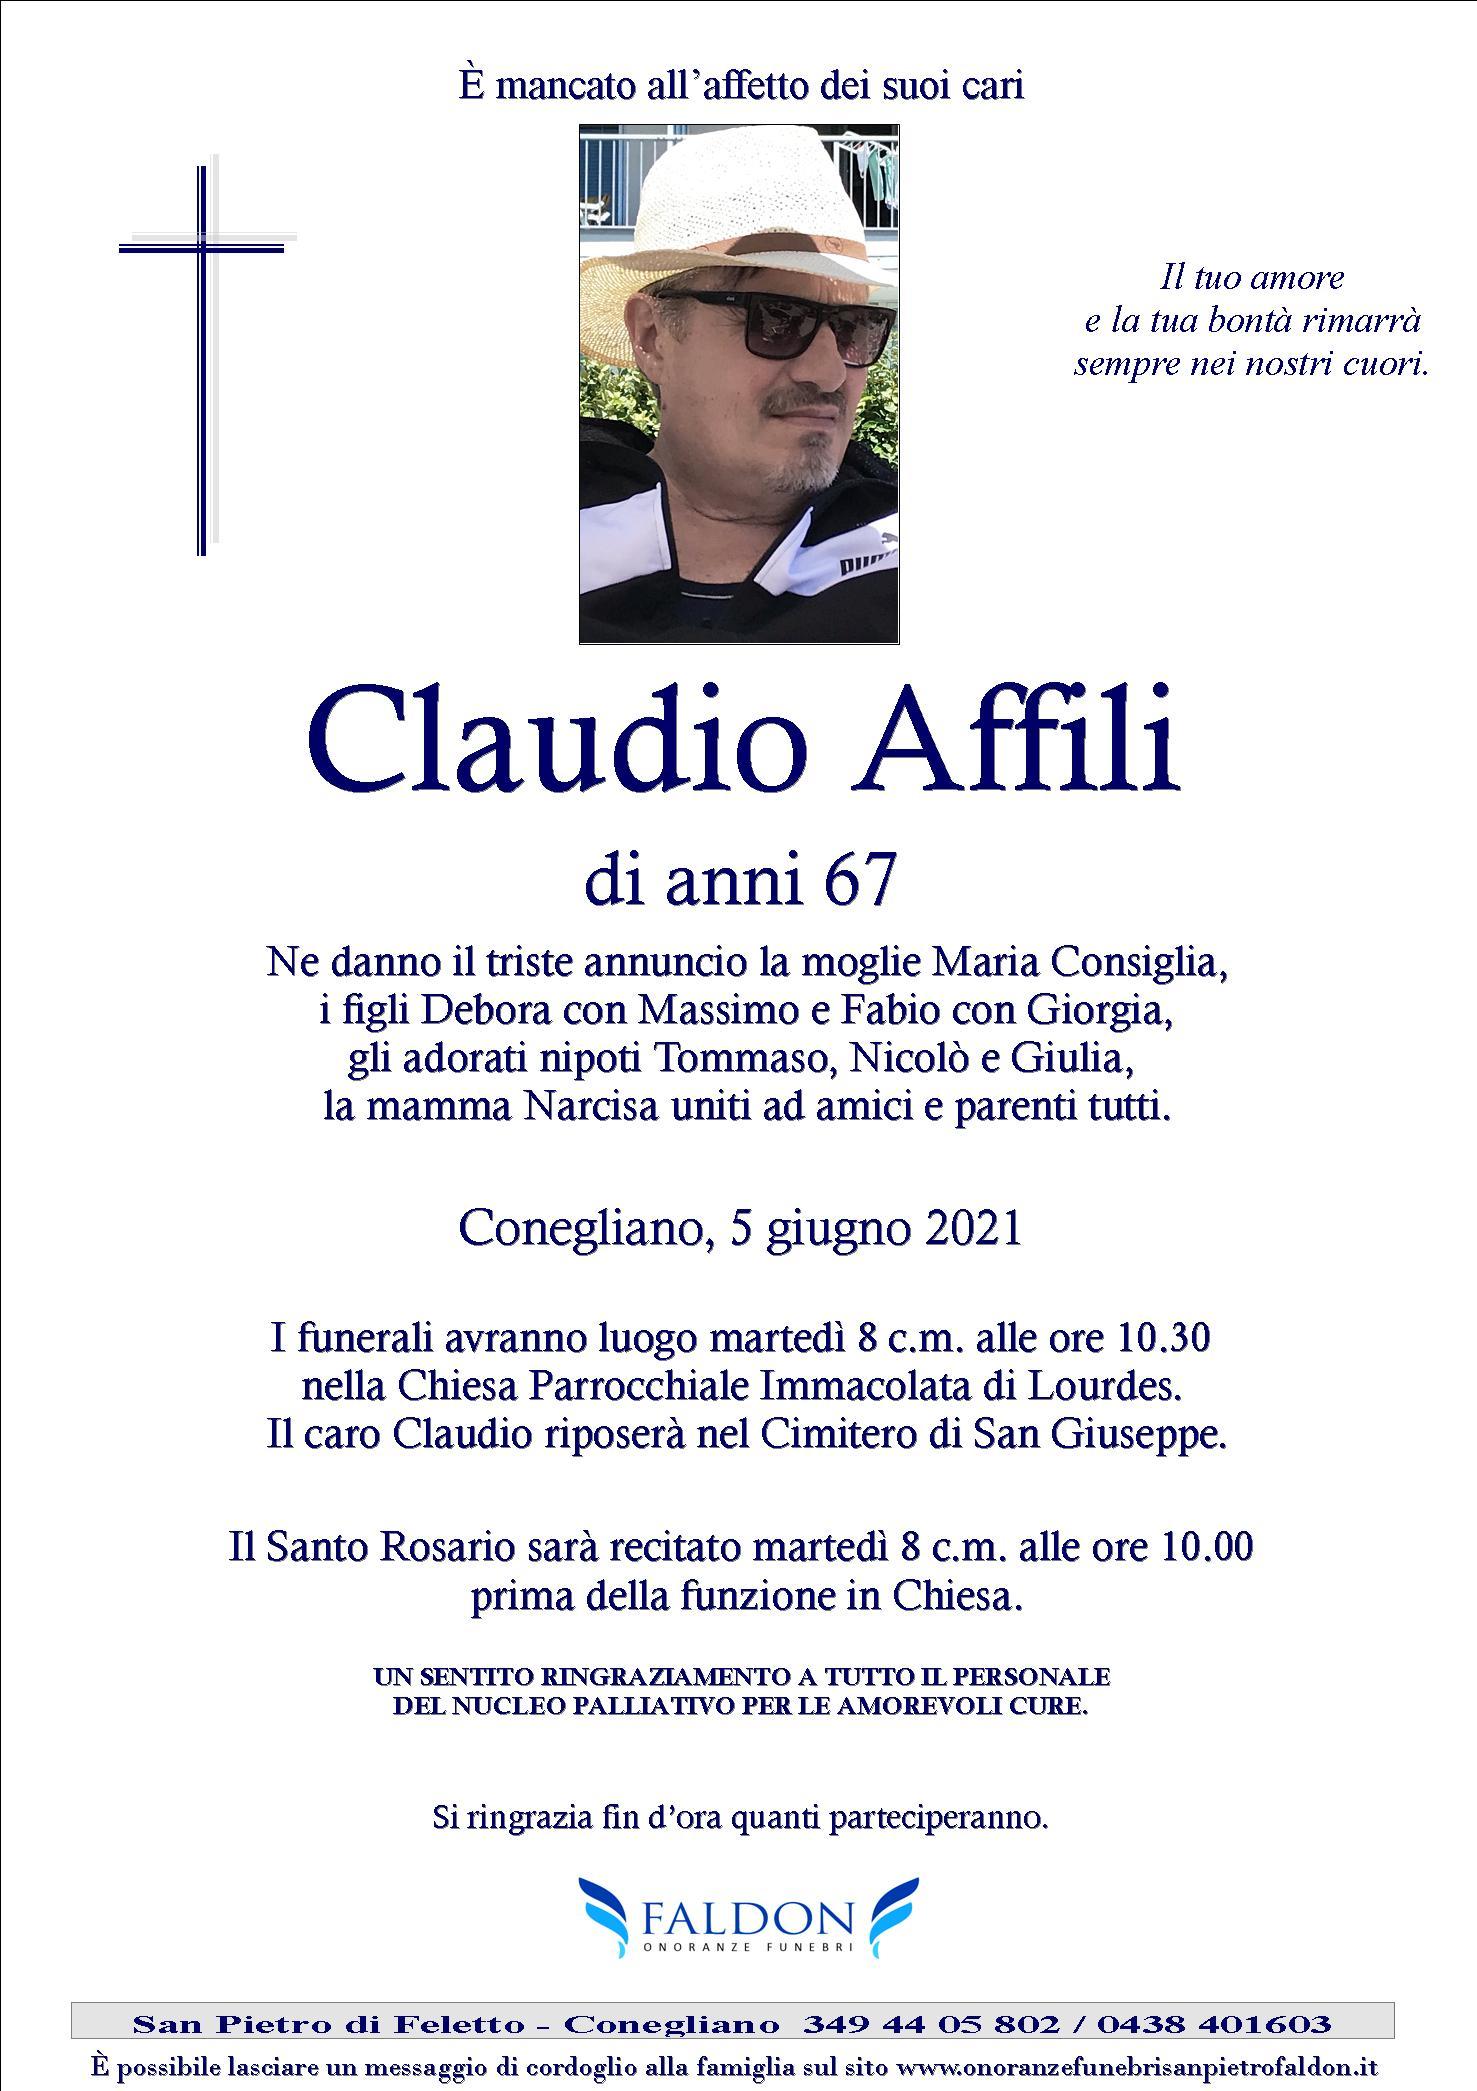 Claudio Affili